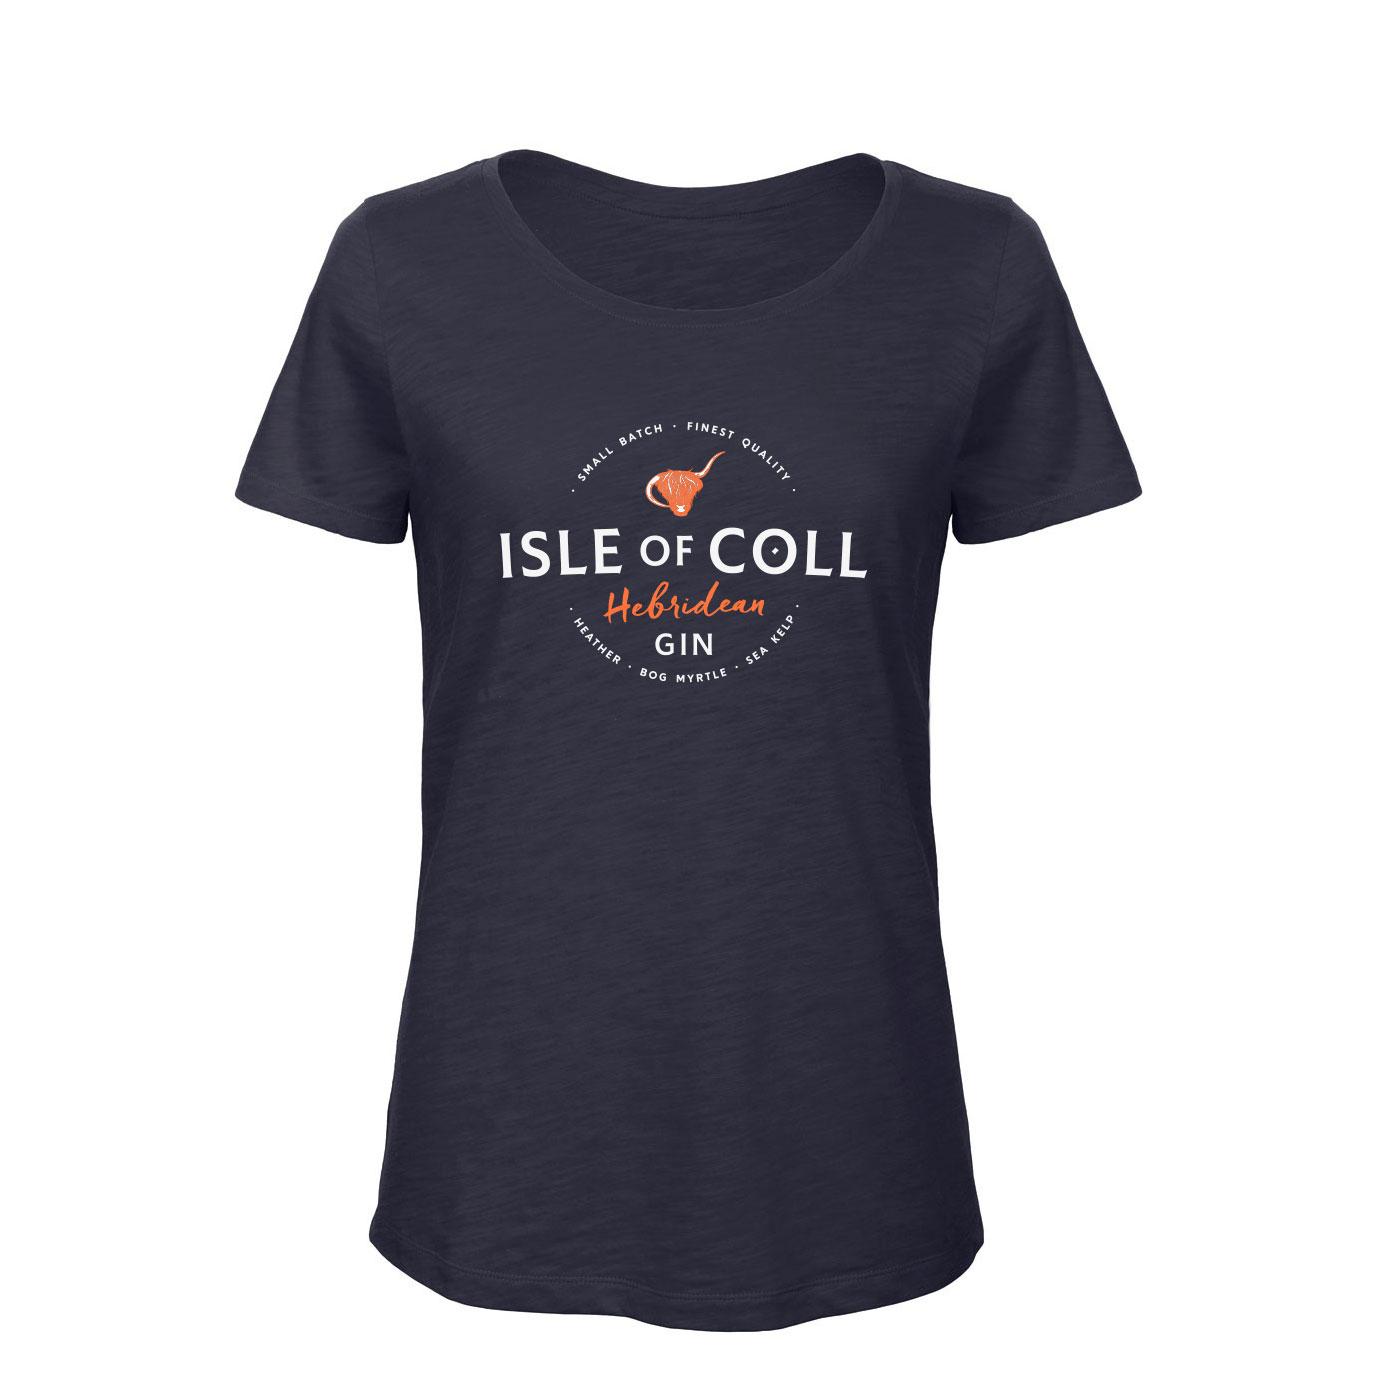 Coll Hebridean Gin Women's T-Shirt